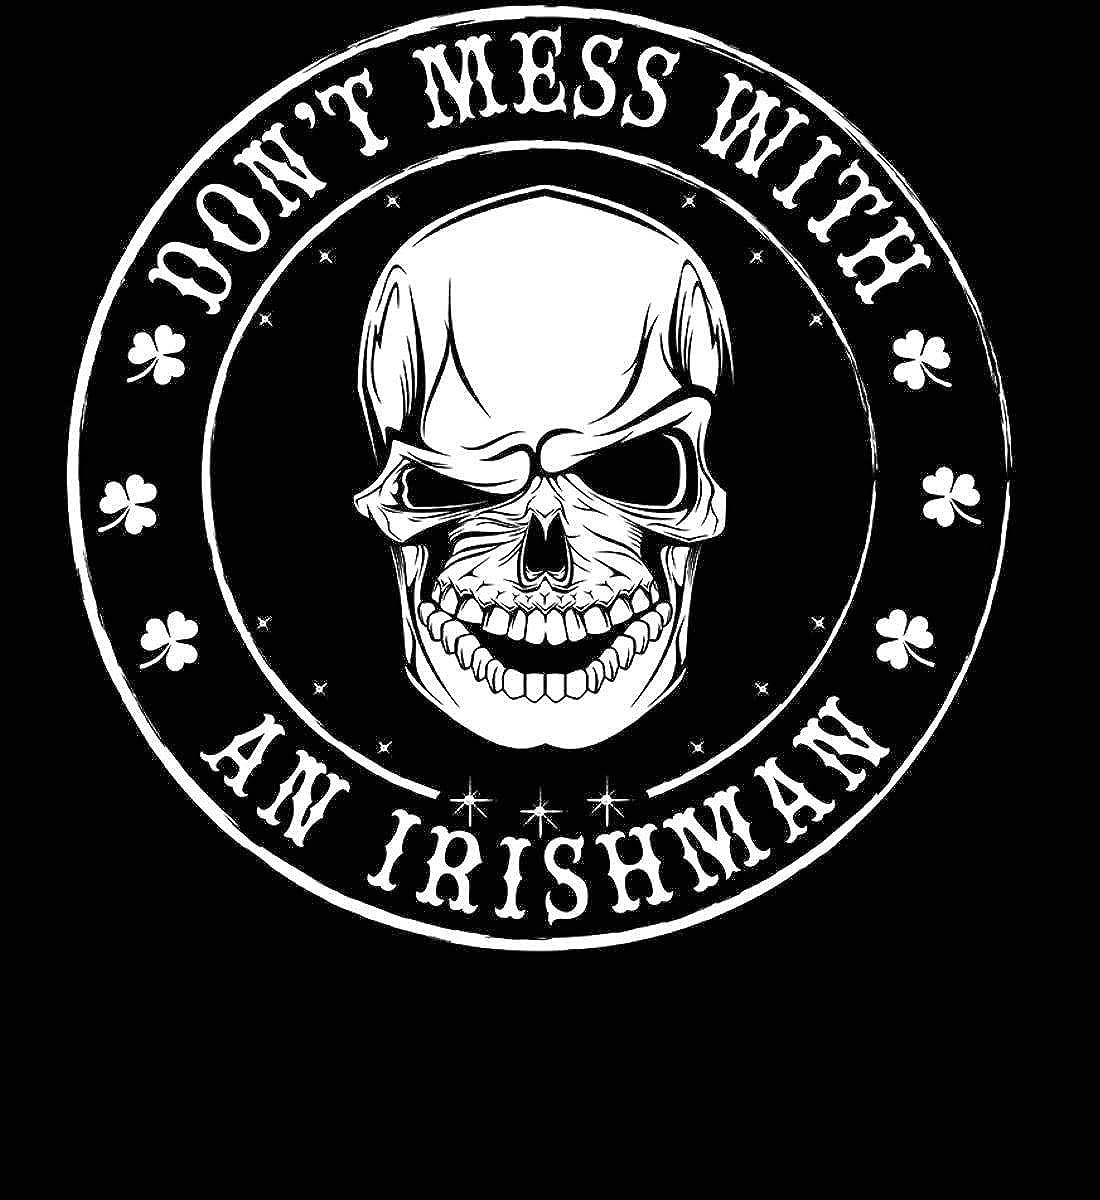 Irish T-Shirt Made in USA T-Shirt. Dont Mess.with an Irishman